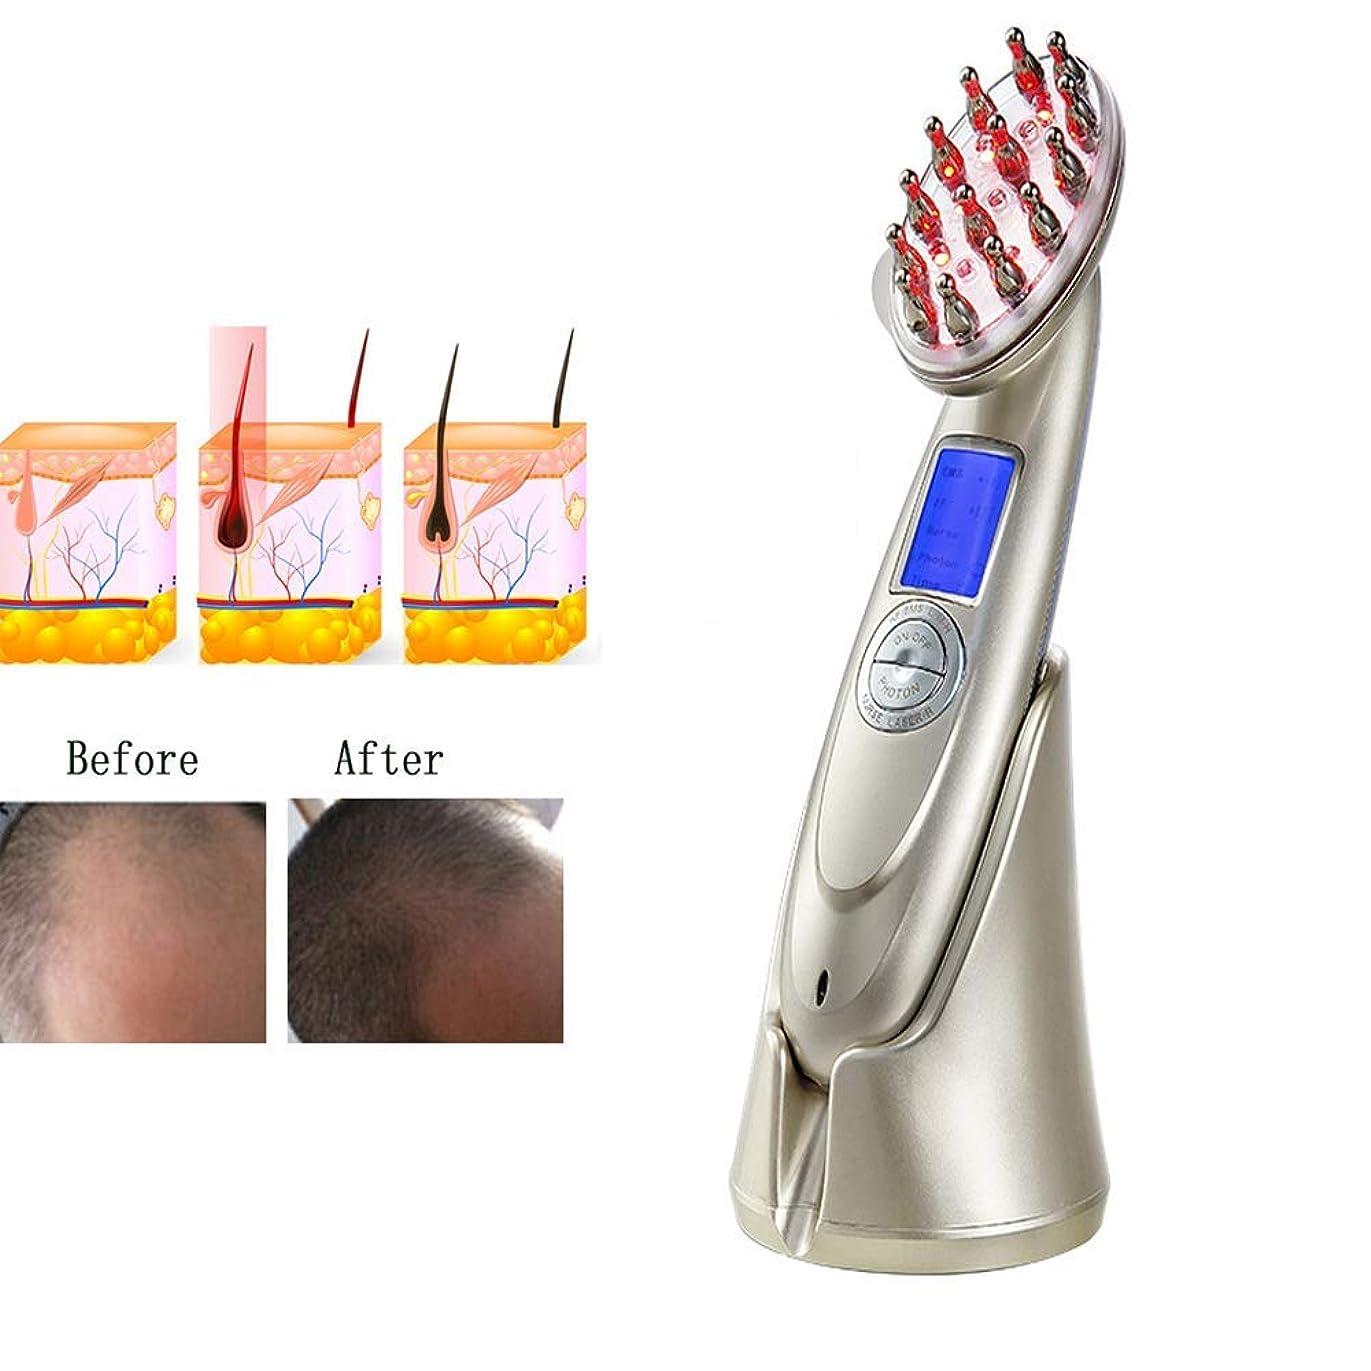 曲がった十分笑RF EMS LED光子光療法のヘアブラシが付いている専門の電気毛の成長レーザーの櫛を改善して下さい